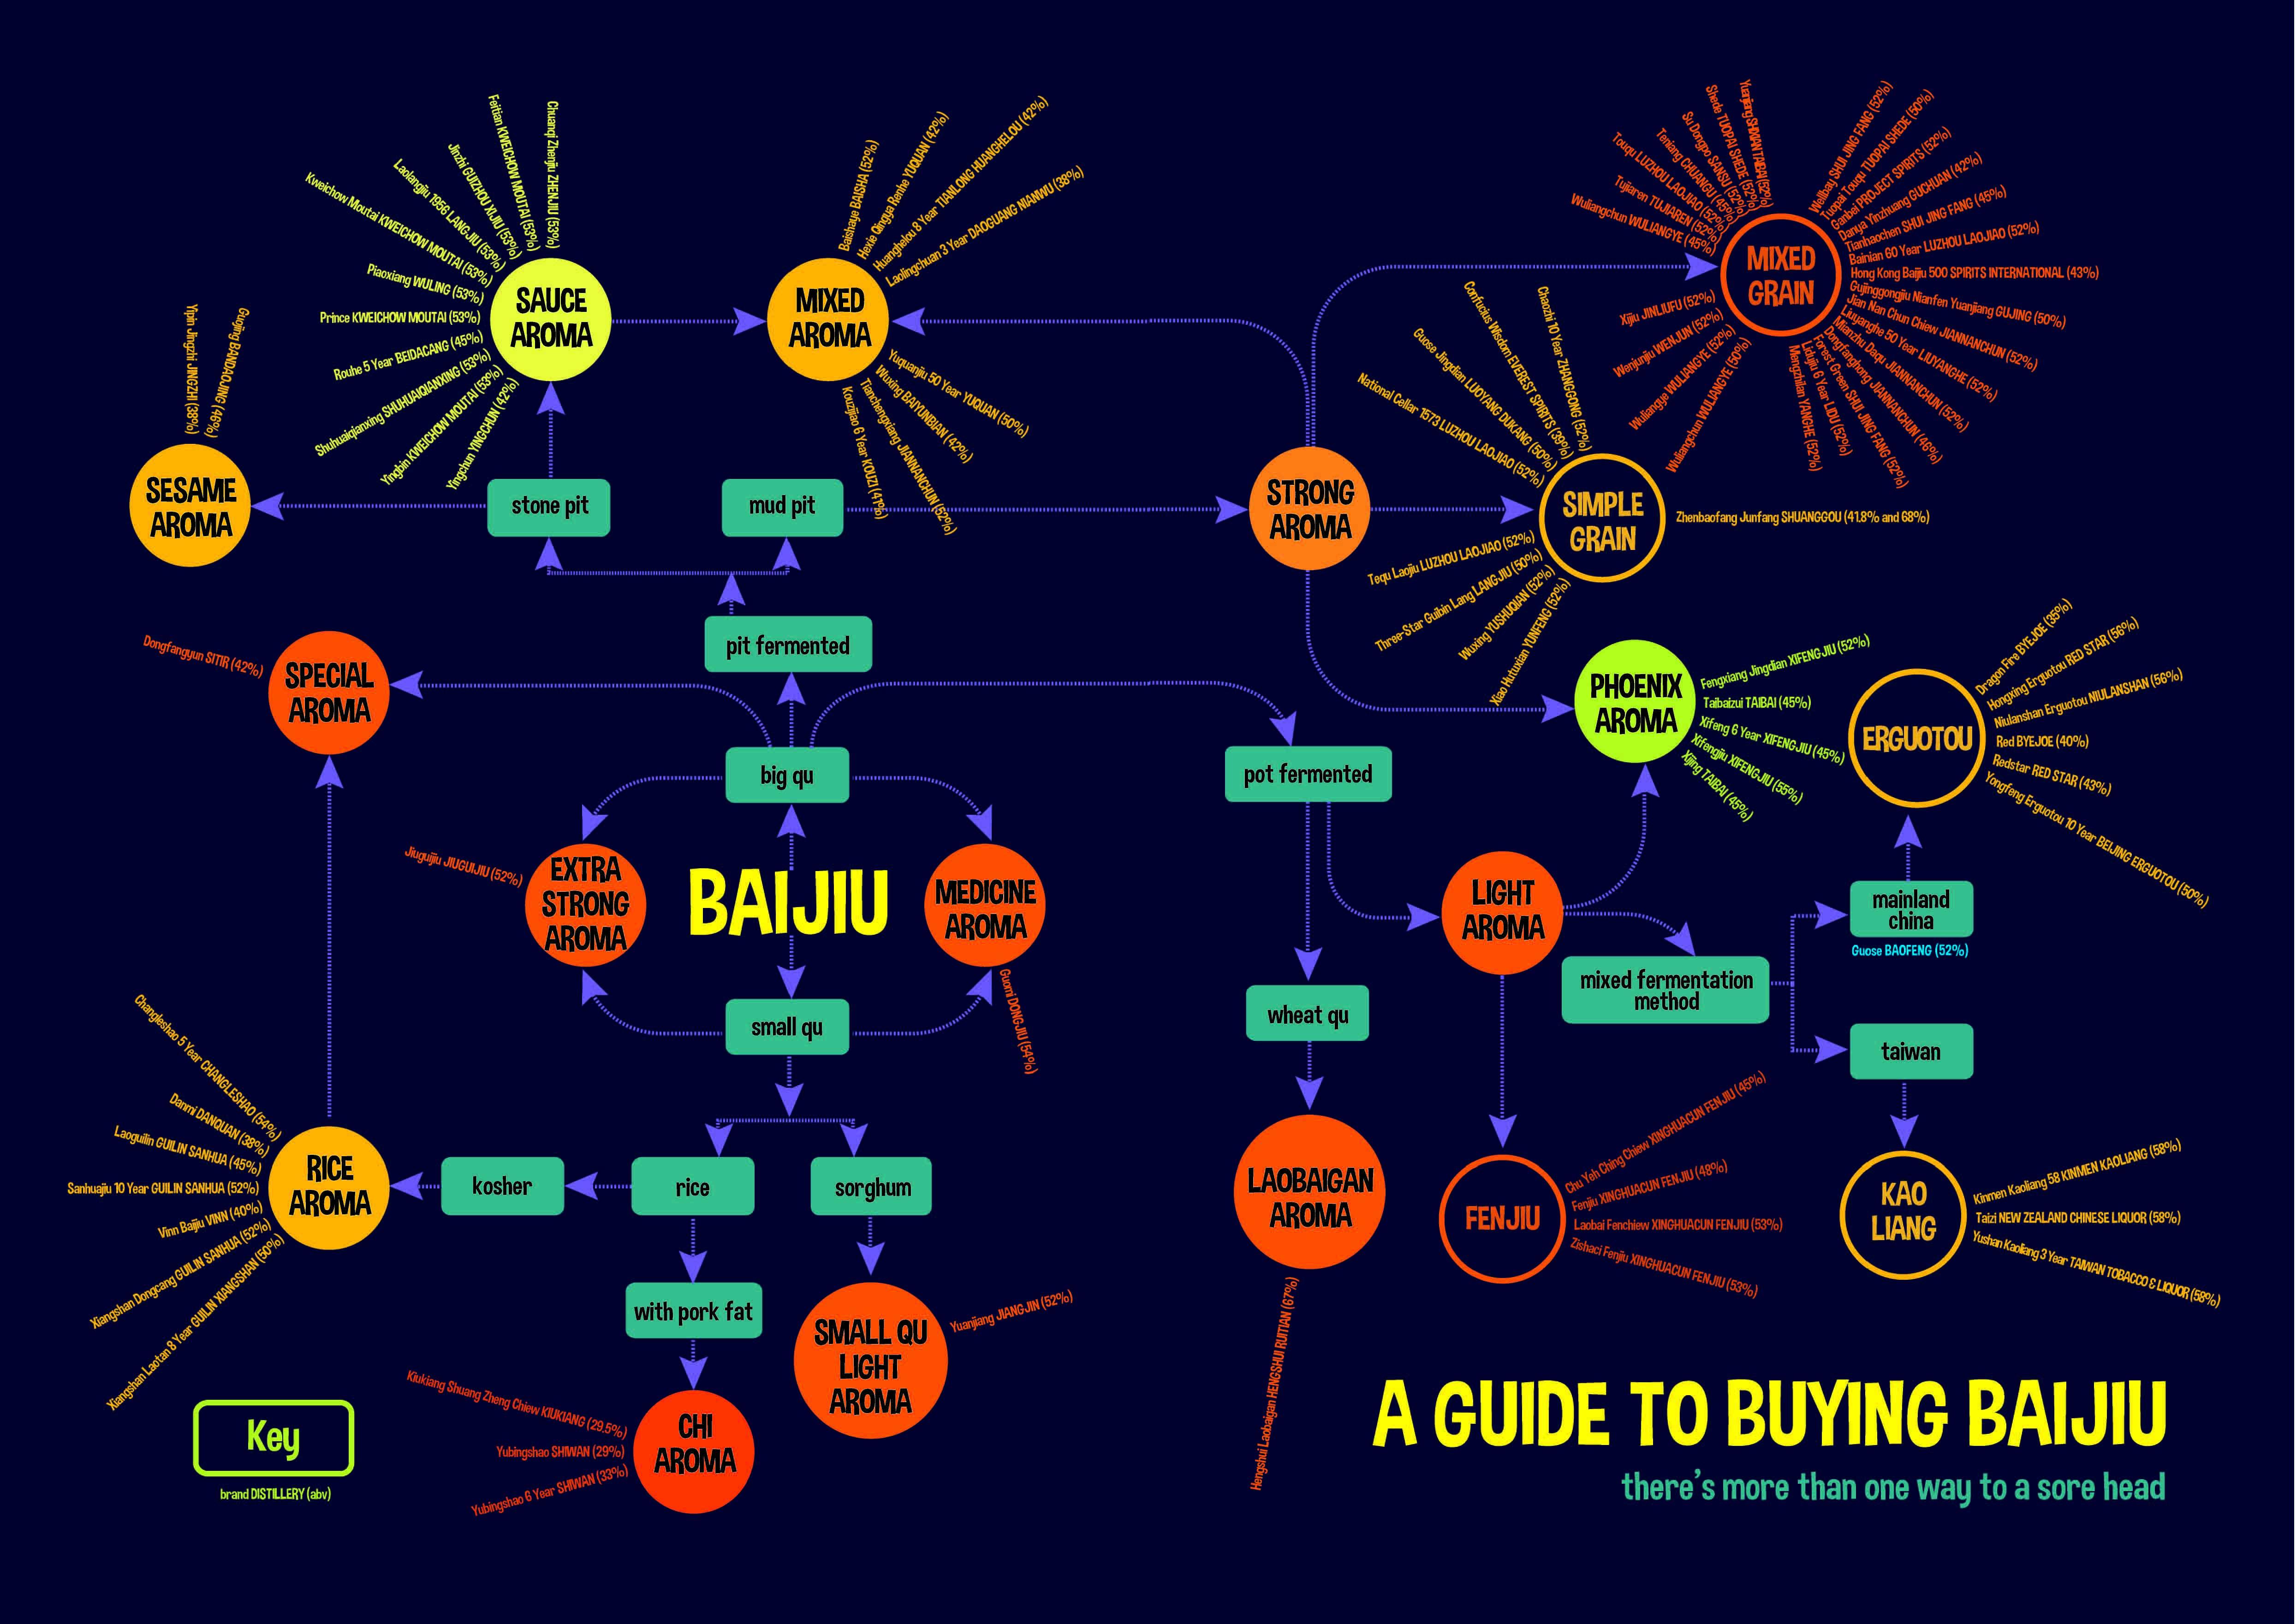 Baijiu category flow chart